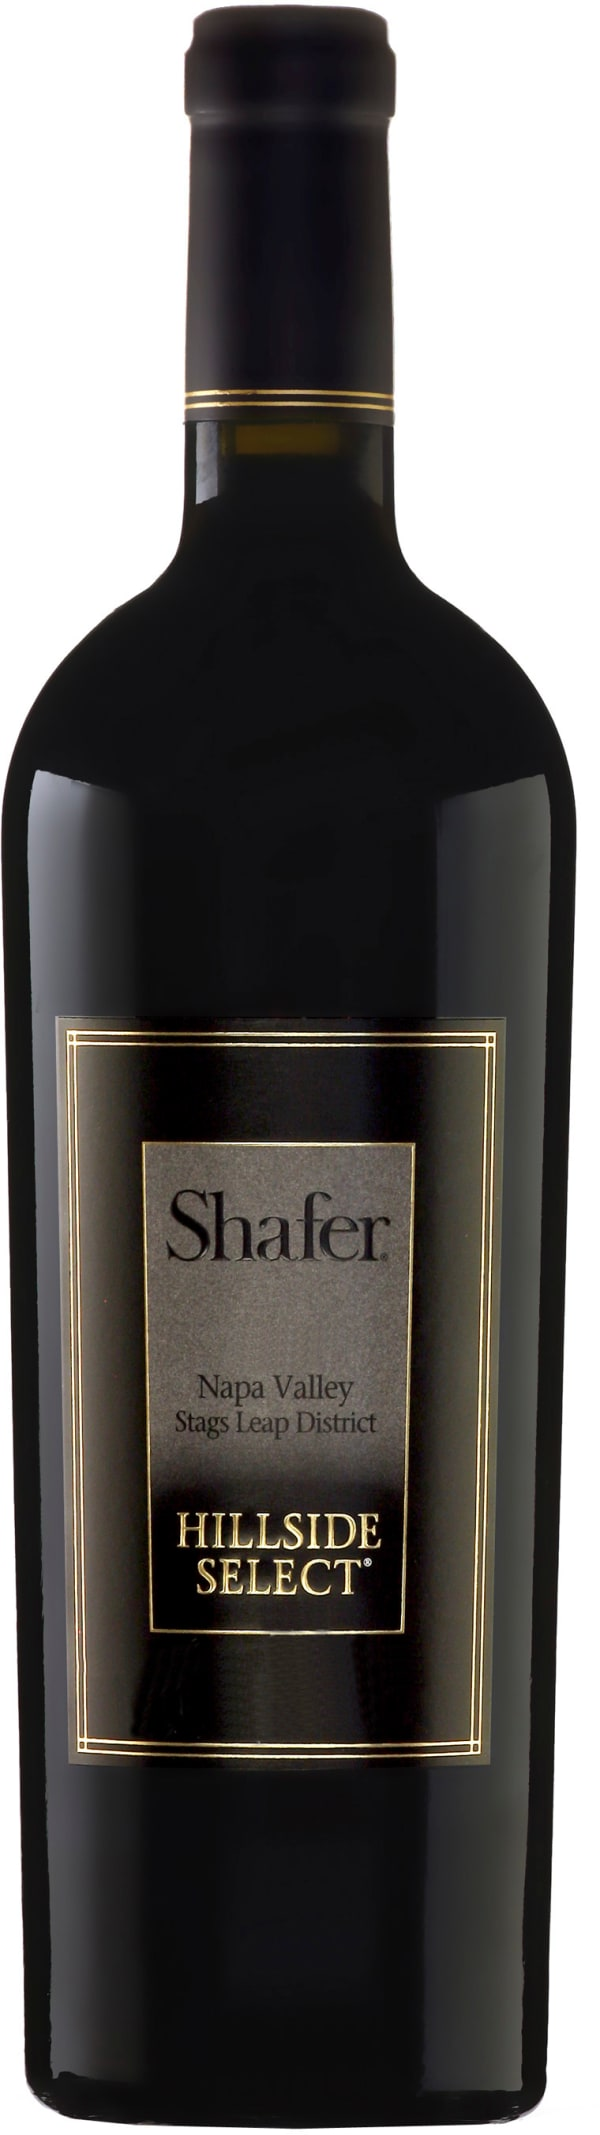 Shafer Hillside Select 2014